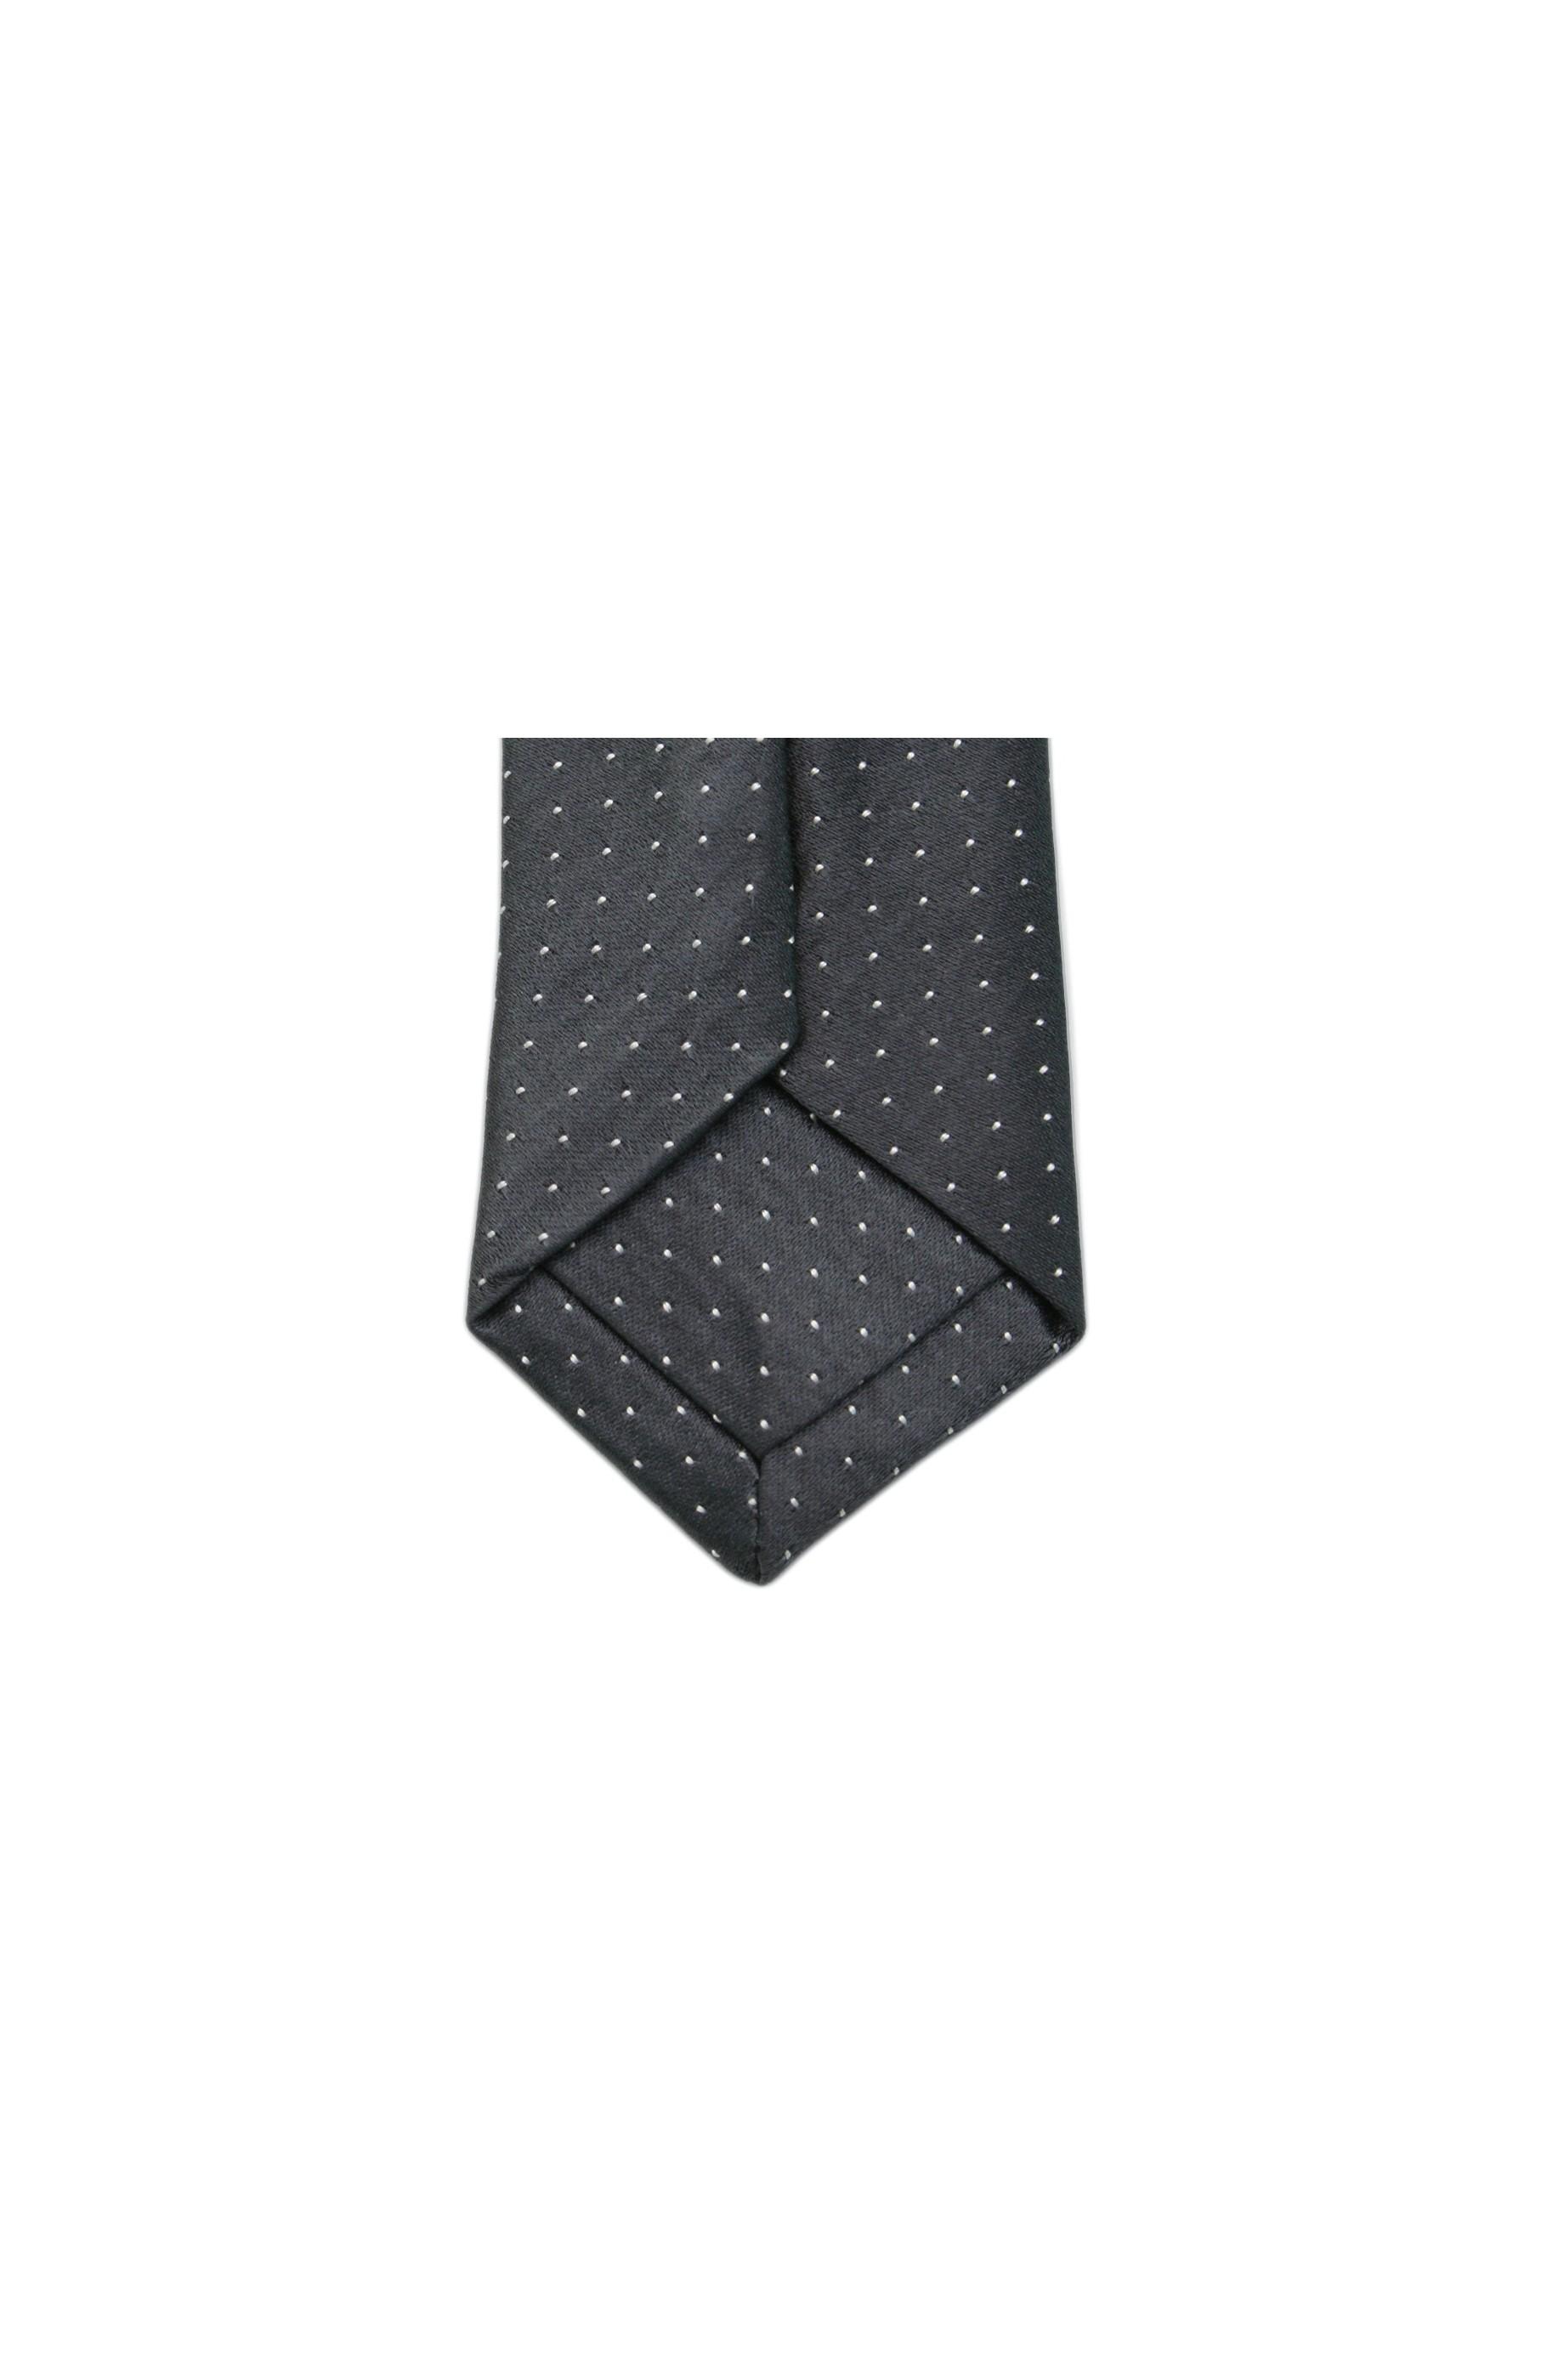 Majesté Couture Paris: Slim silver tie | Accessories -  Hiphunters Shop